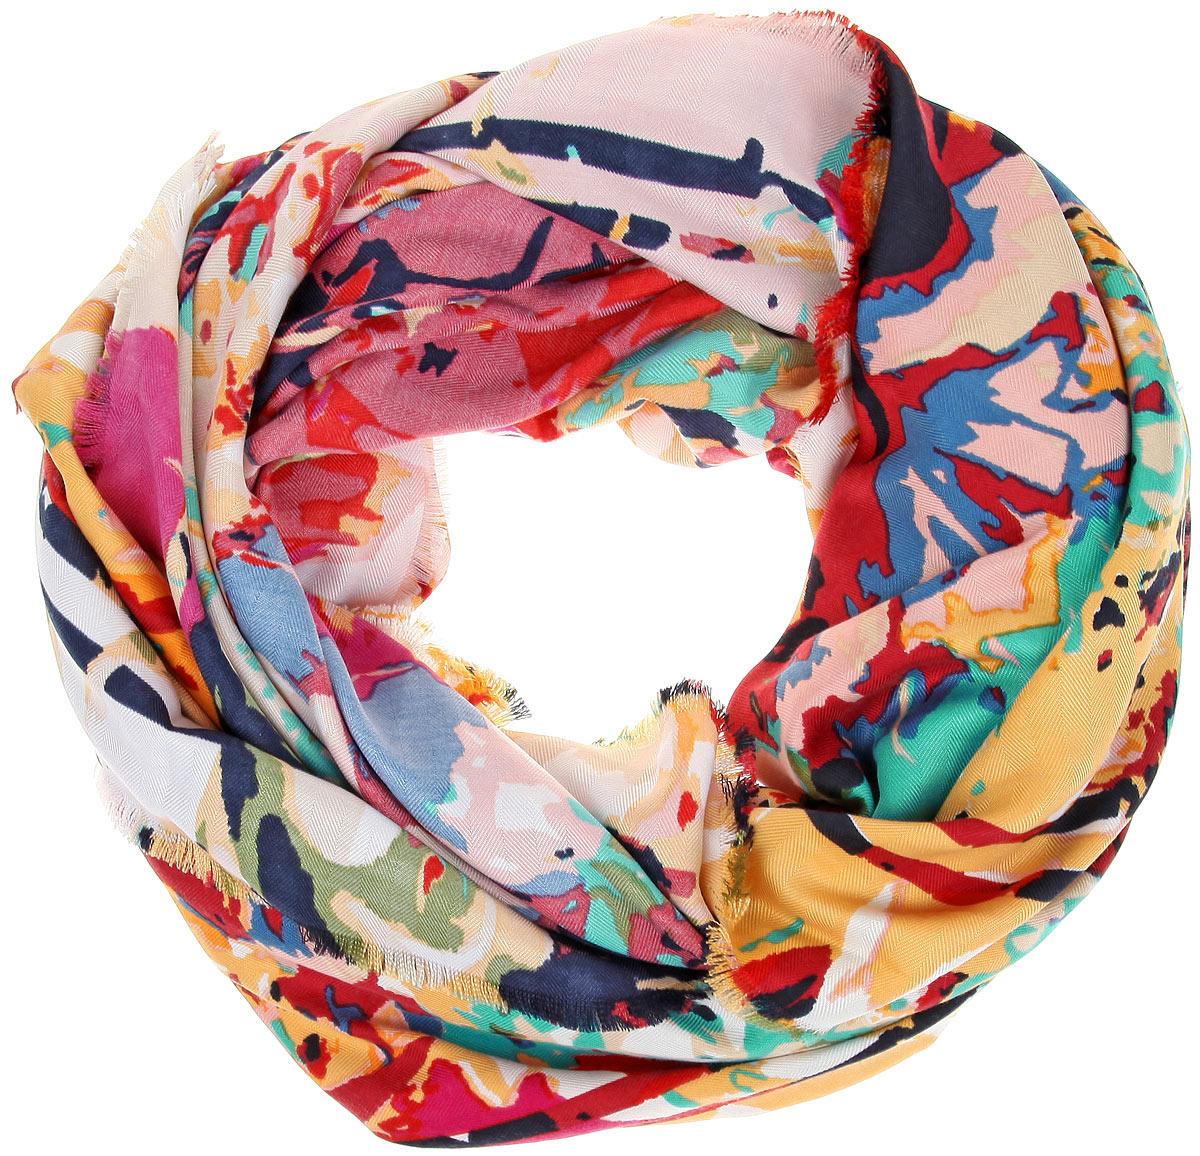 BH-11527-9Платок Sophie Ramage, выполненный из модала с добавлением кашемира, идеально дополнит образ современной женщины. Благодаря своему составу, он удивительно мягкий и очень приятный на ощупь. Модель оформлена ярким принтом, а по краям декорирована бахромой. Классическая квадратная форма позволяет носить платок на шее, украшать им прическу или декорировать сумочку. С этим платком вы всегда будете выглядеть женственной и привлекательной.